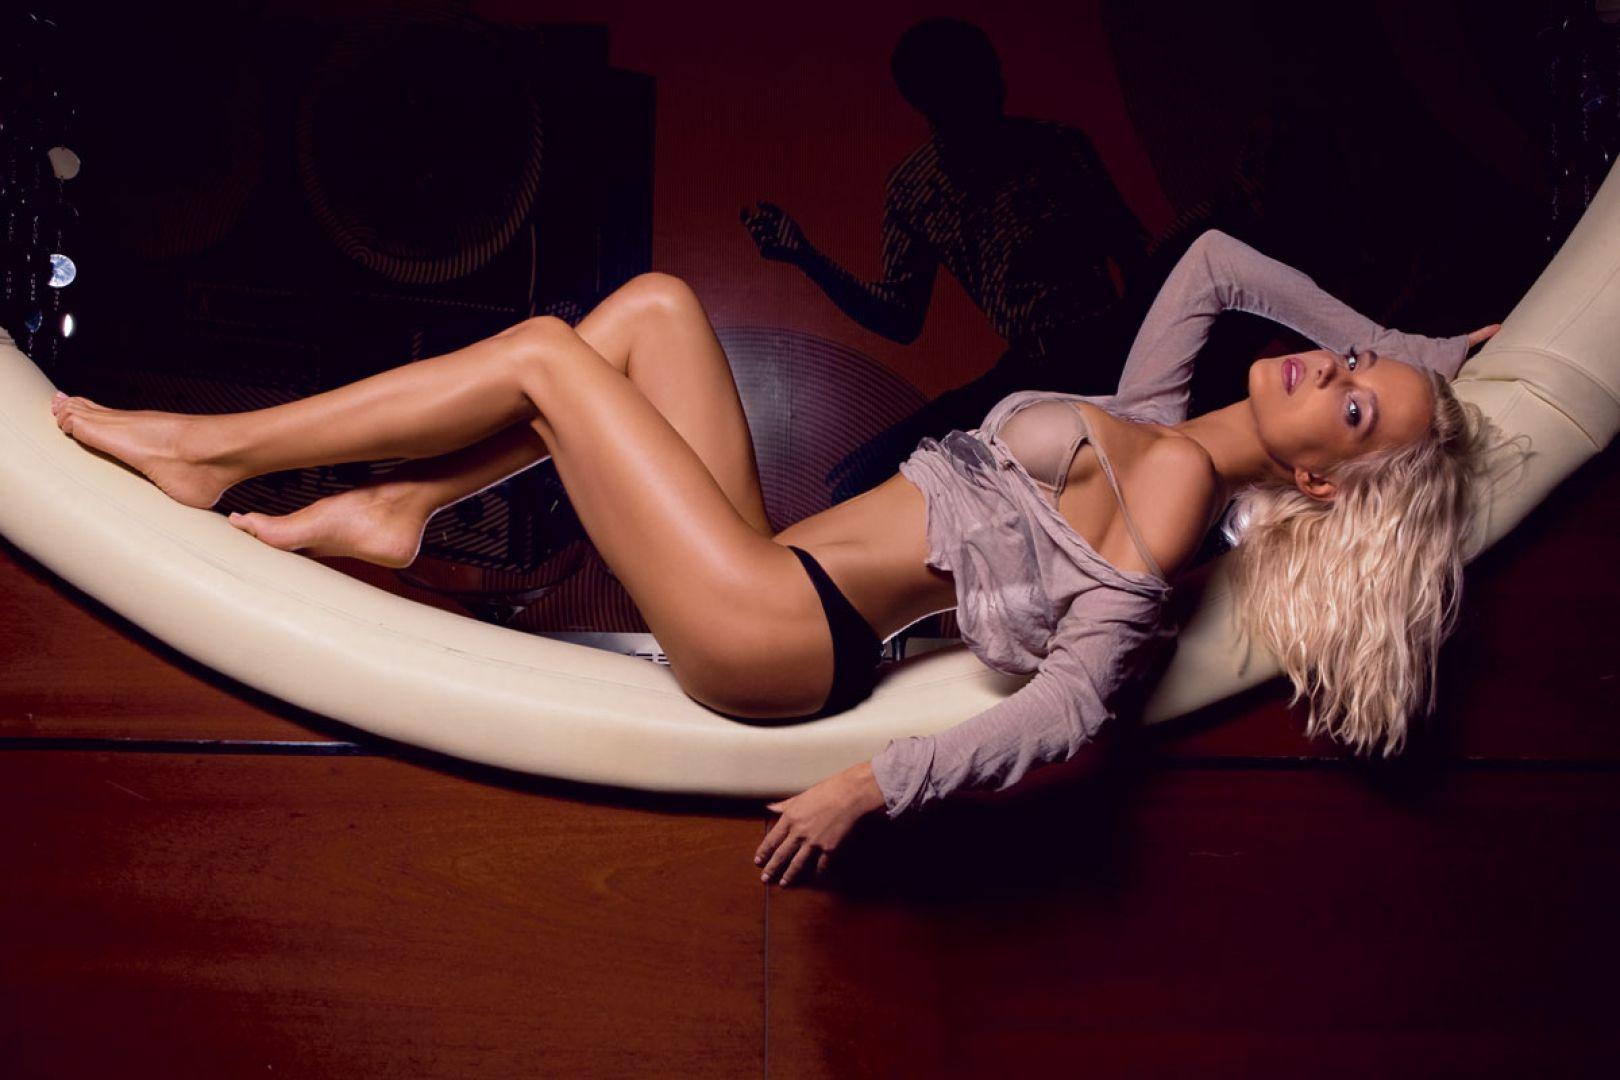 Русские знаменитости смотретьголые, Порно со знаменитостями, секс видео знаменитых 20 фотография